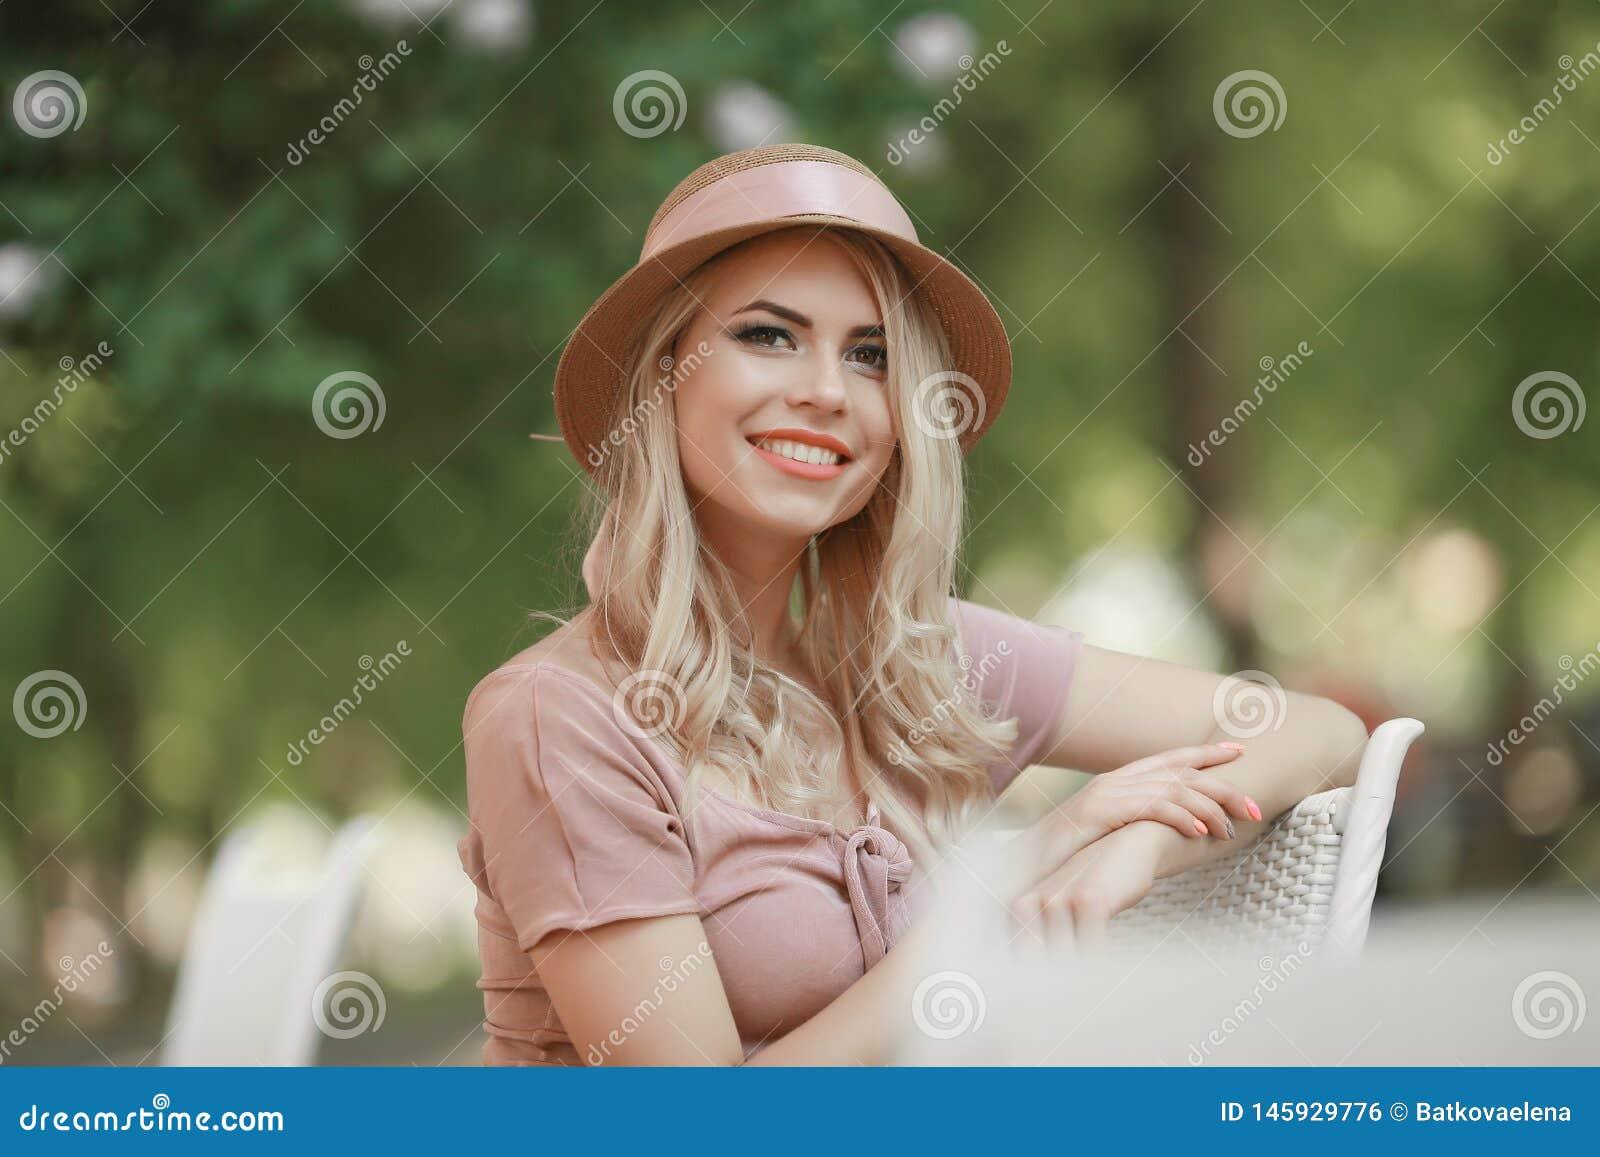 bending young blonde Outdoor